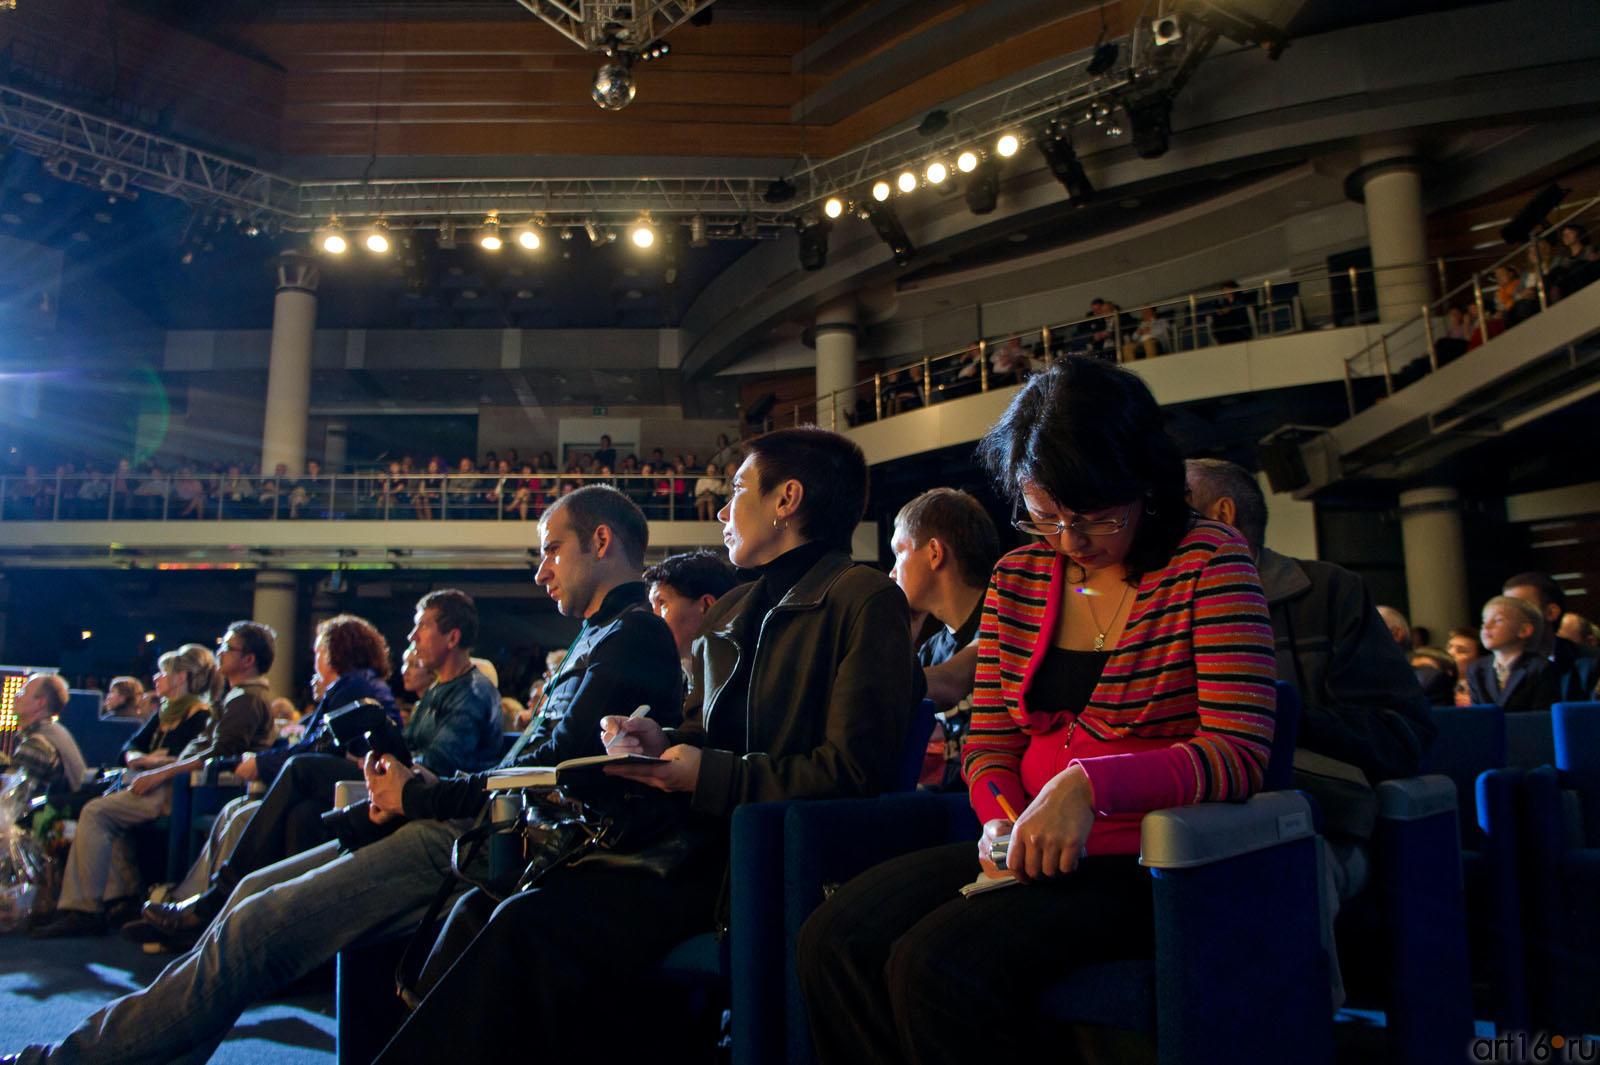 В КРК «Пирамида» на Церемонии награждения победителей  VII КМФМК::Итоги VII Казанского международного фестиваля